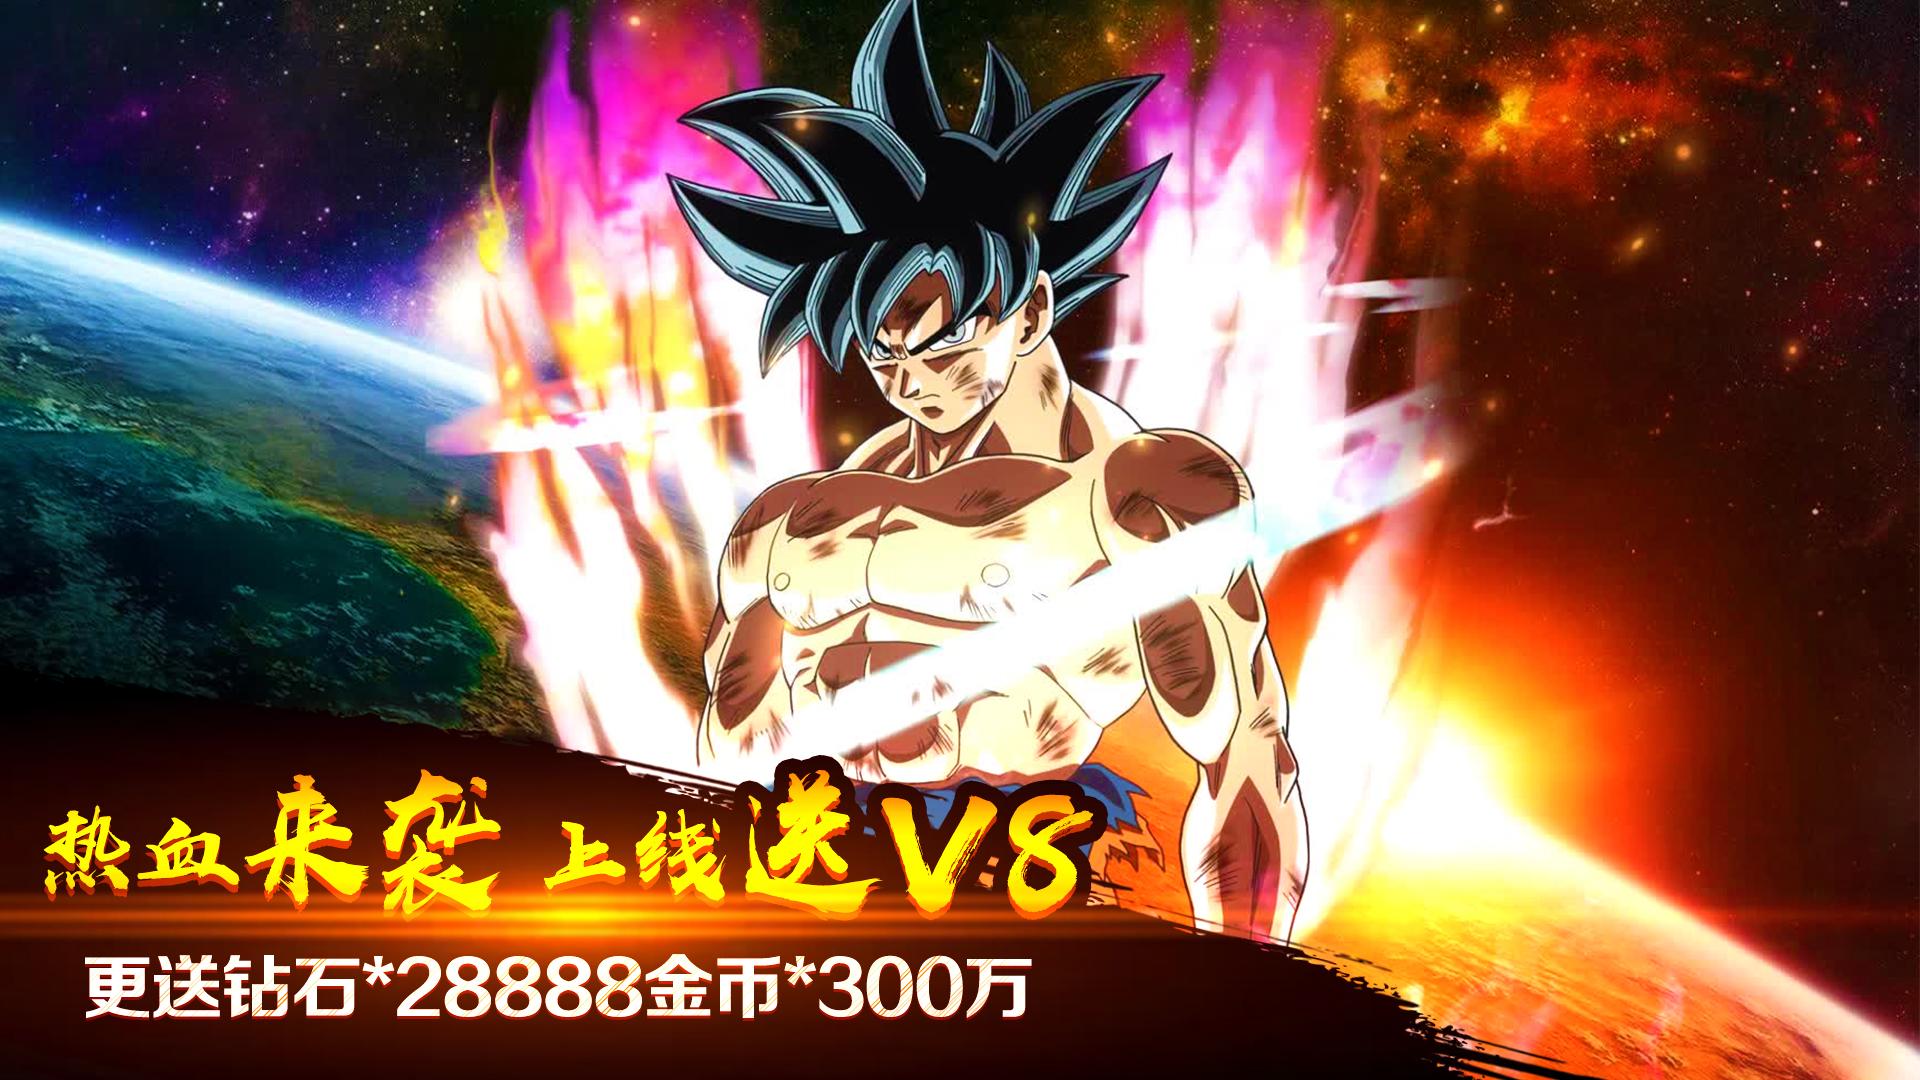 《时空乱斗(每日送抽)》变态版:上线送钻石*28888、VIP8、金币*300万